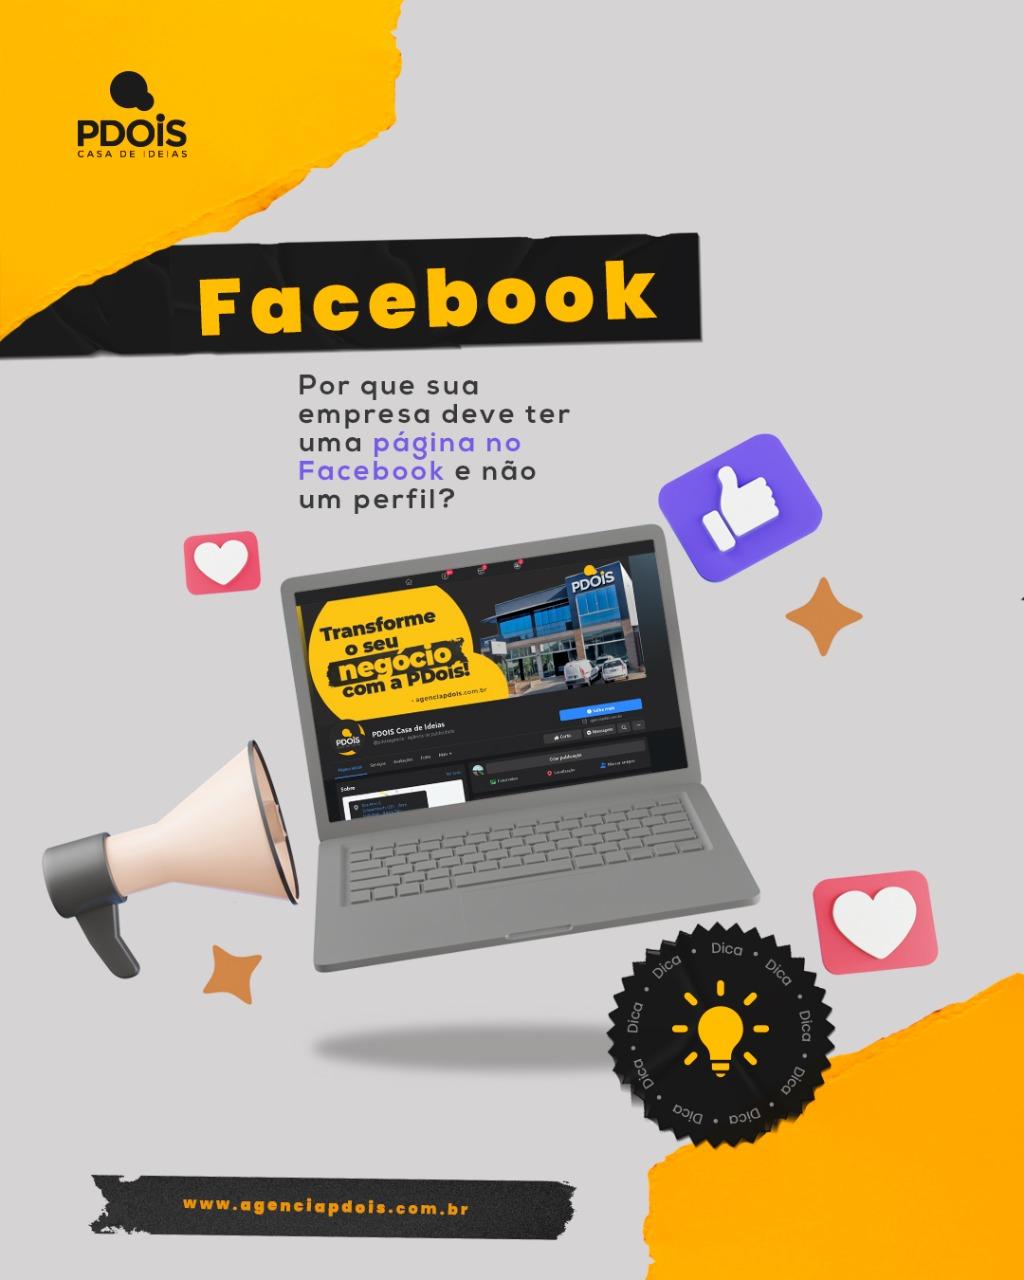 Facebook: Porque sua empresa deve ter uma página e não um perfil?